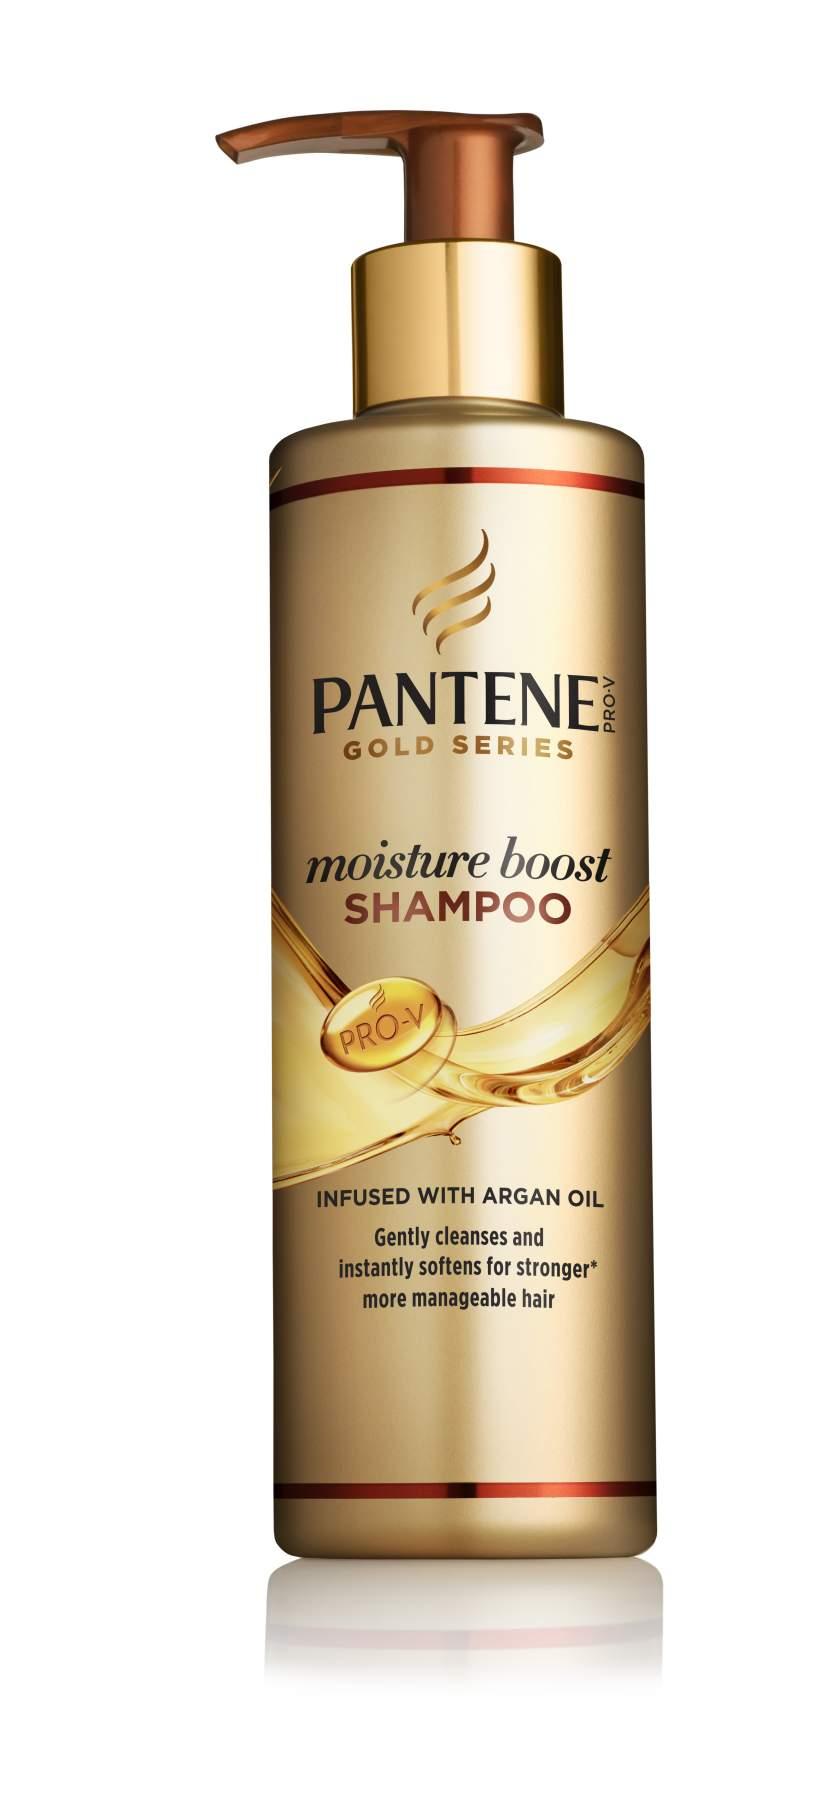 Pantene Pro-V Gold Series Moisture Boost Shampoo